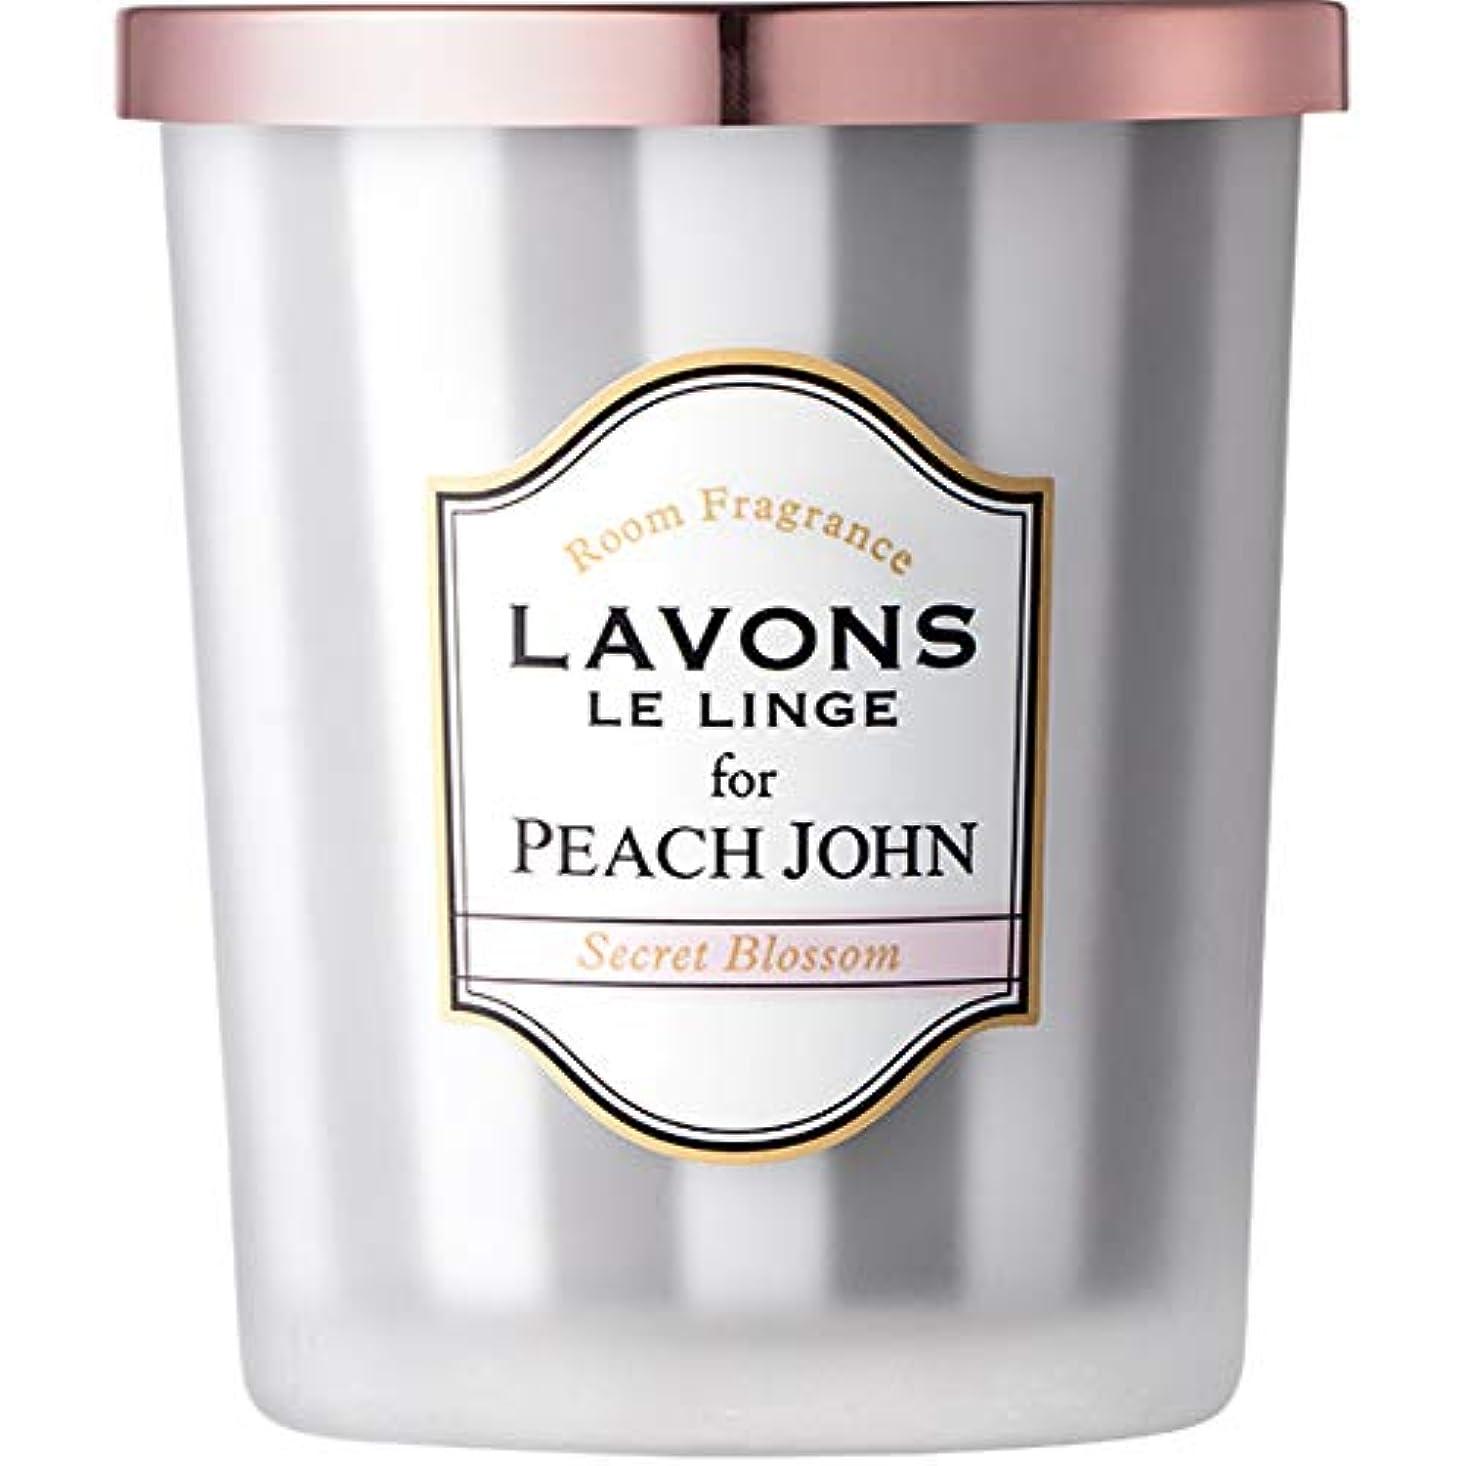 スクリーチ法律鬼ごっこラボン for PEACH JOHN 部屋用フレグランス シークレットブロッサムの香り 150g